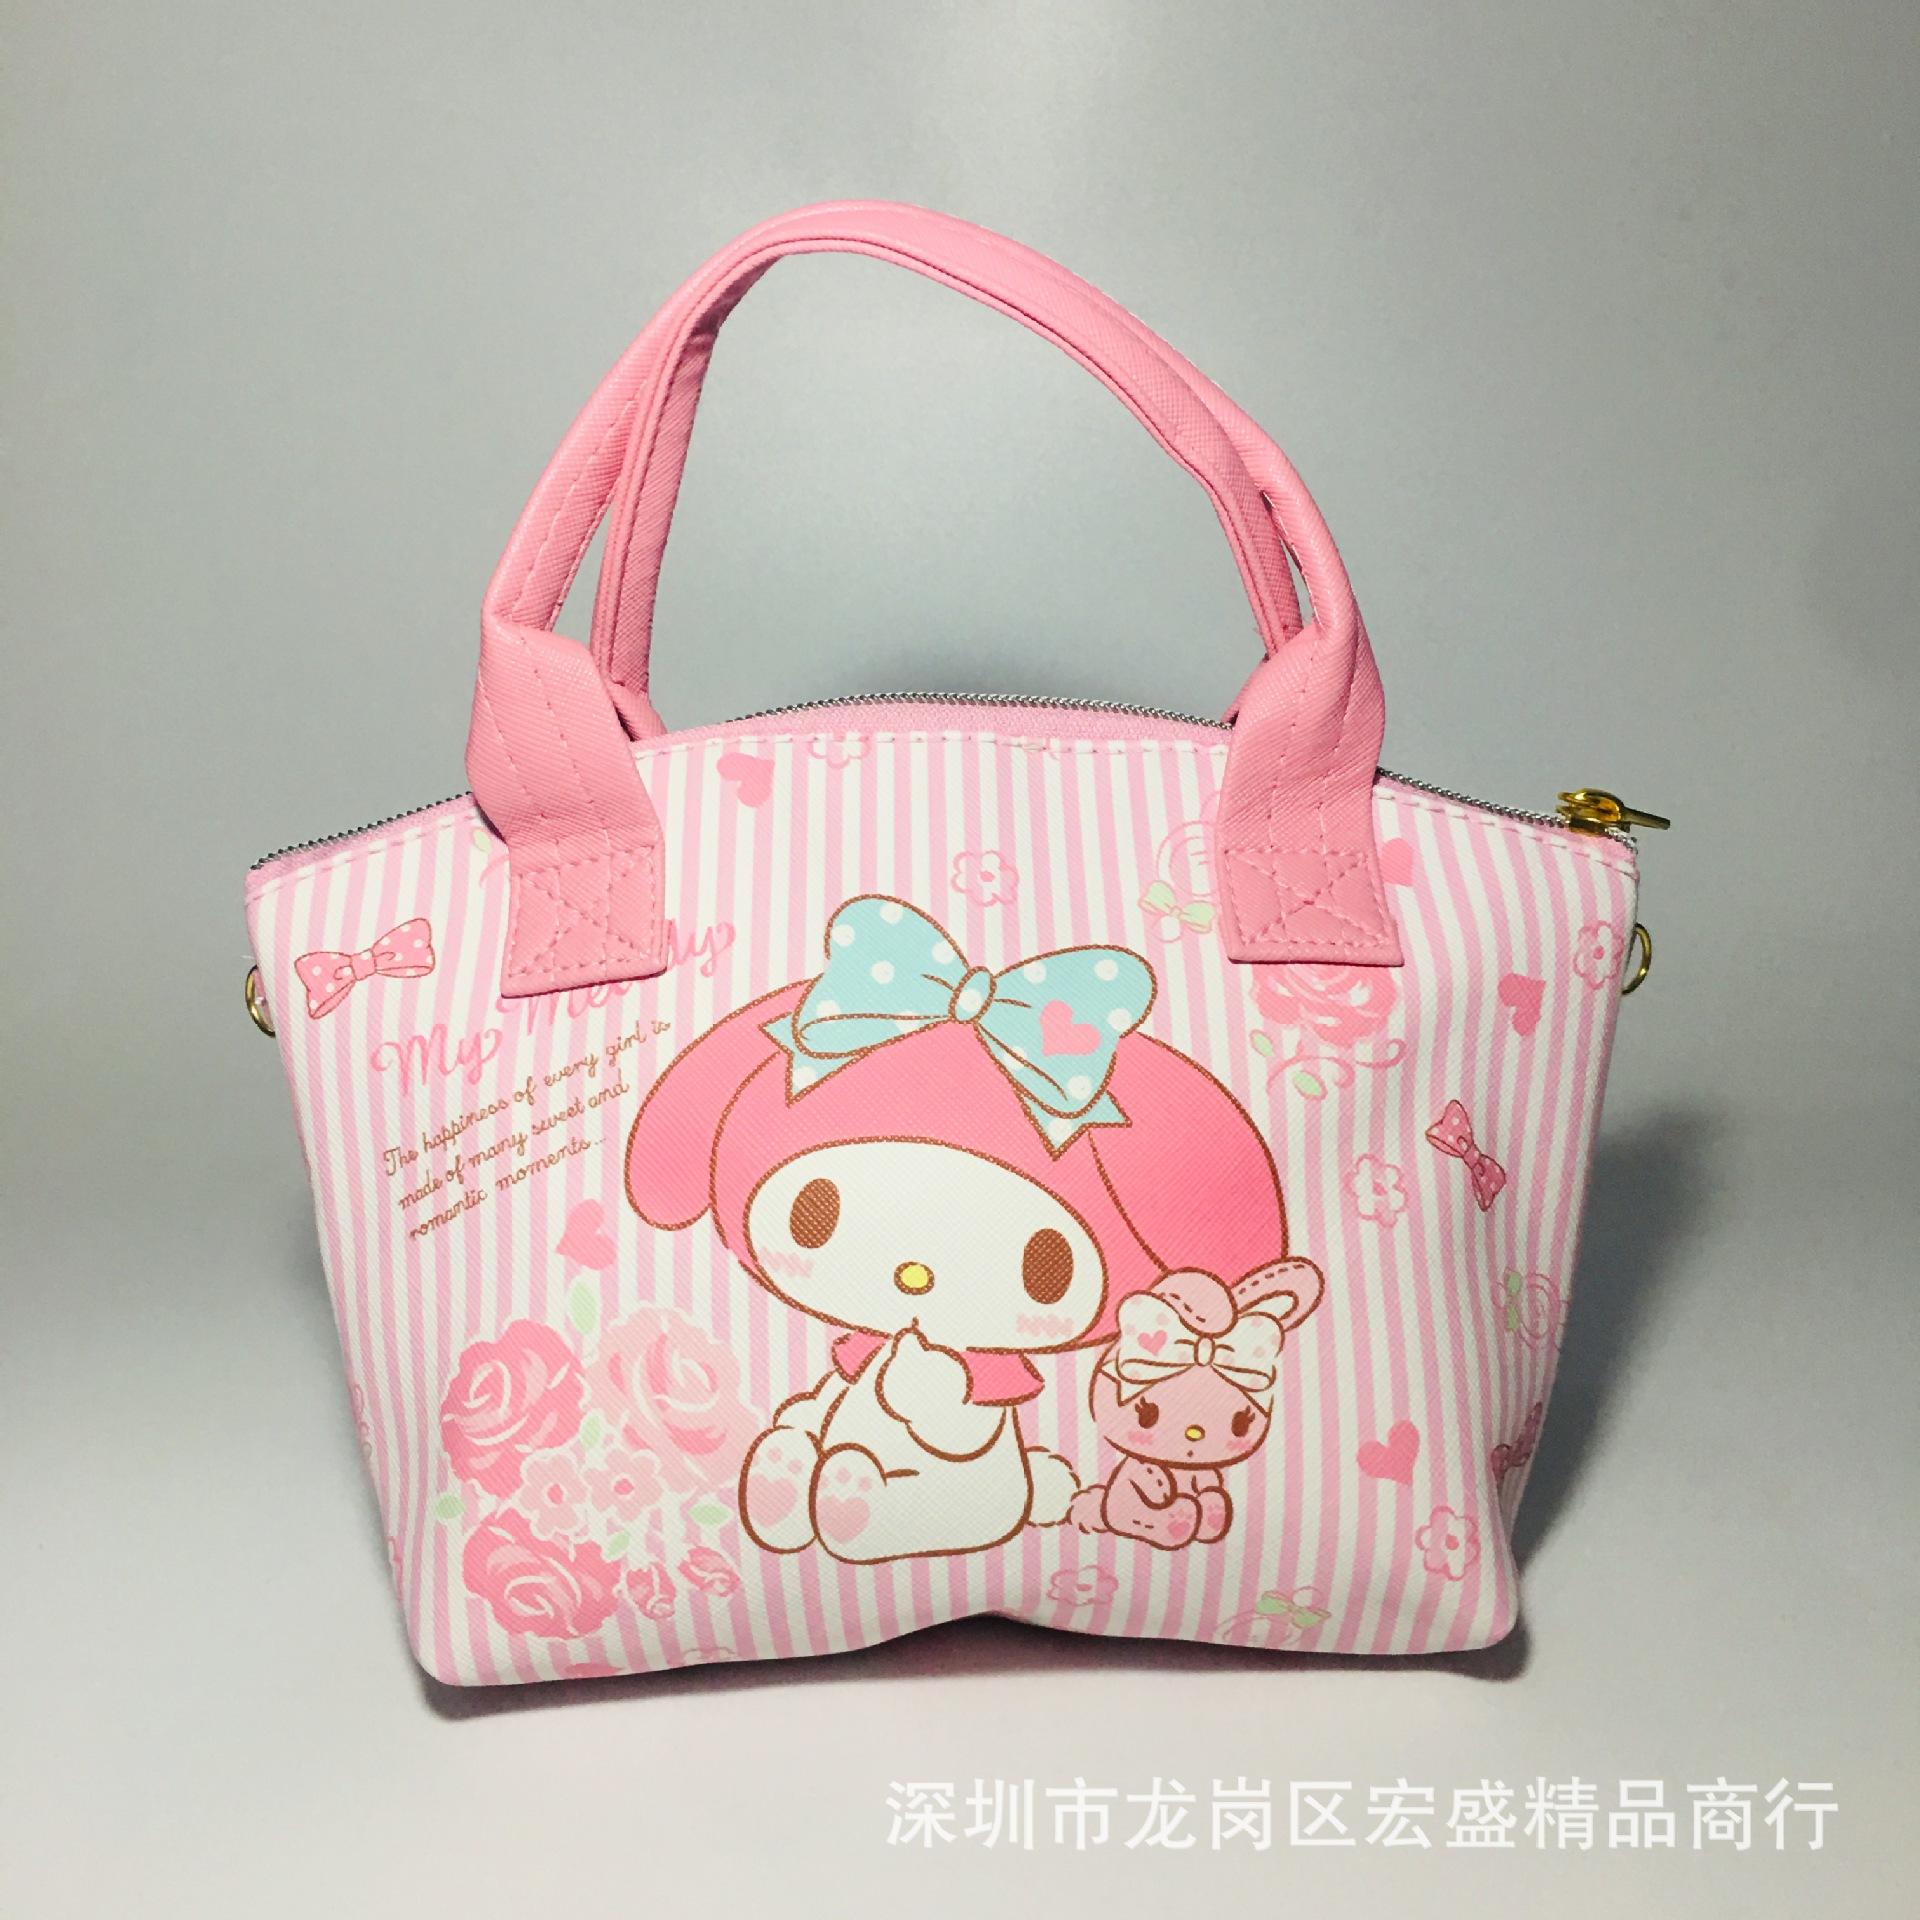 2019新款kitty美乐蒂卡通可爱时尚卡通女包PU皮水饺通勤包手提袋